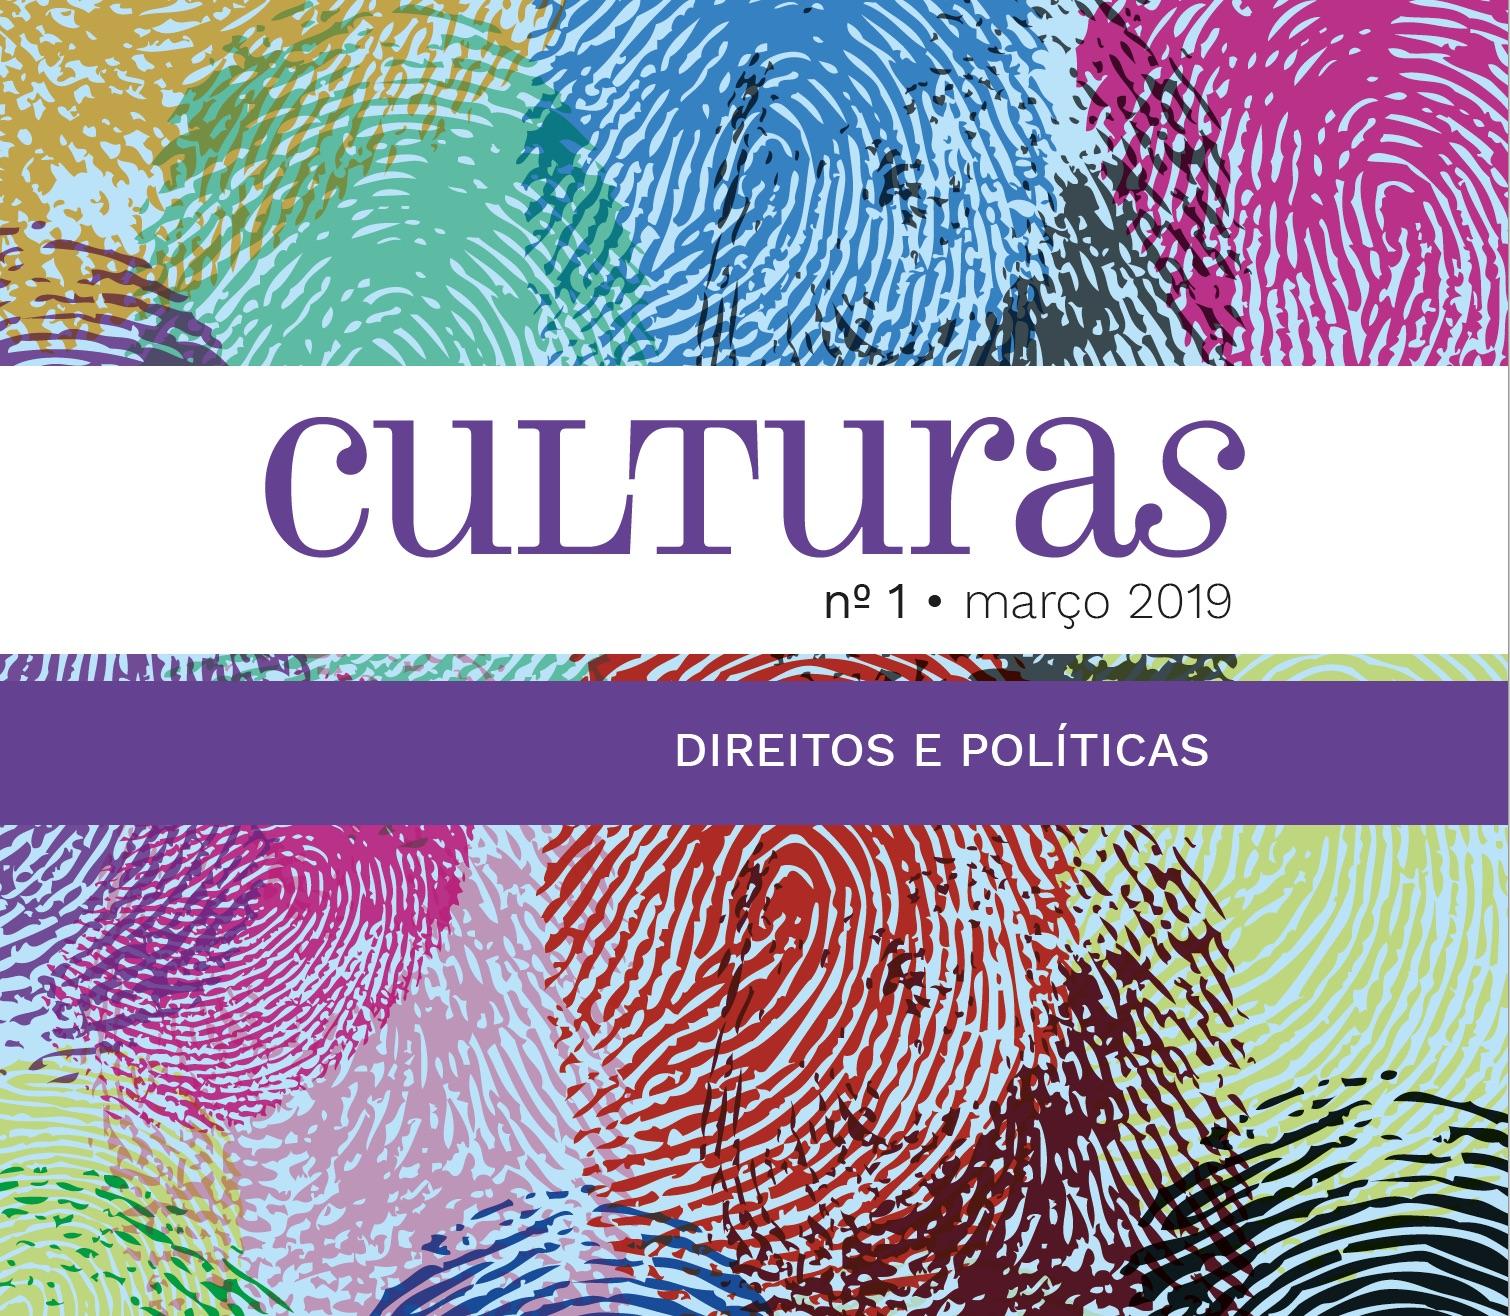 Revista Culturas – Direitos e Políticas